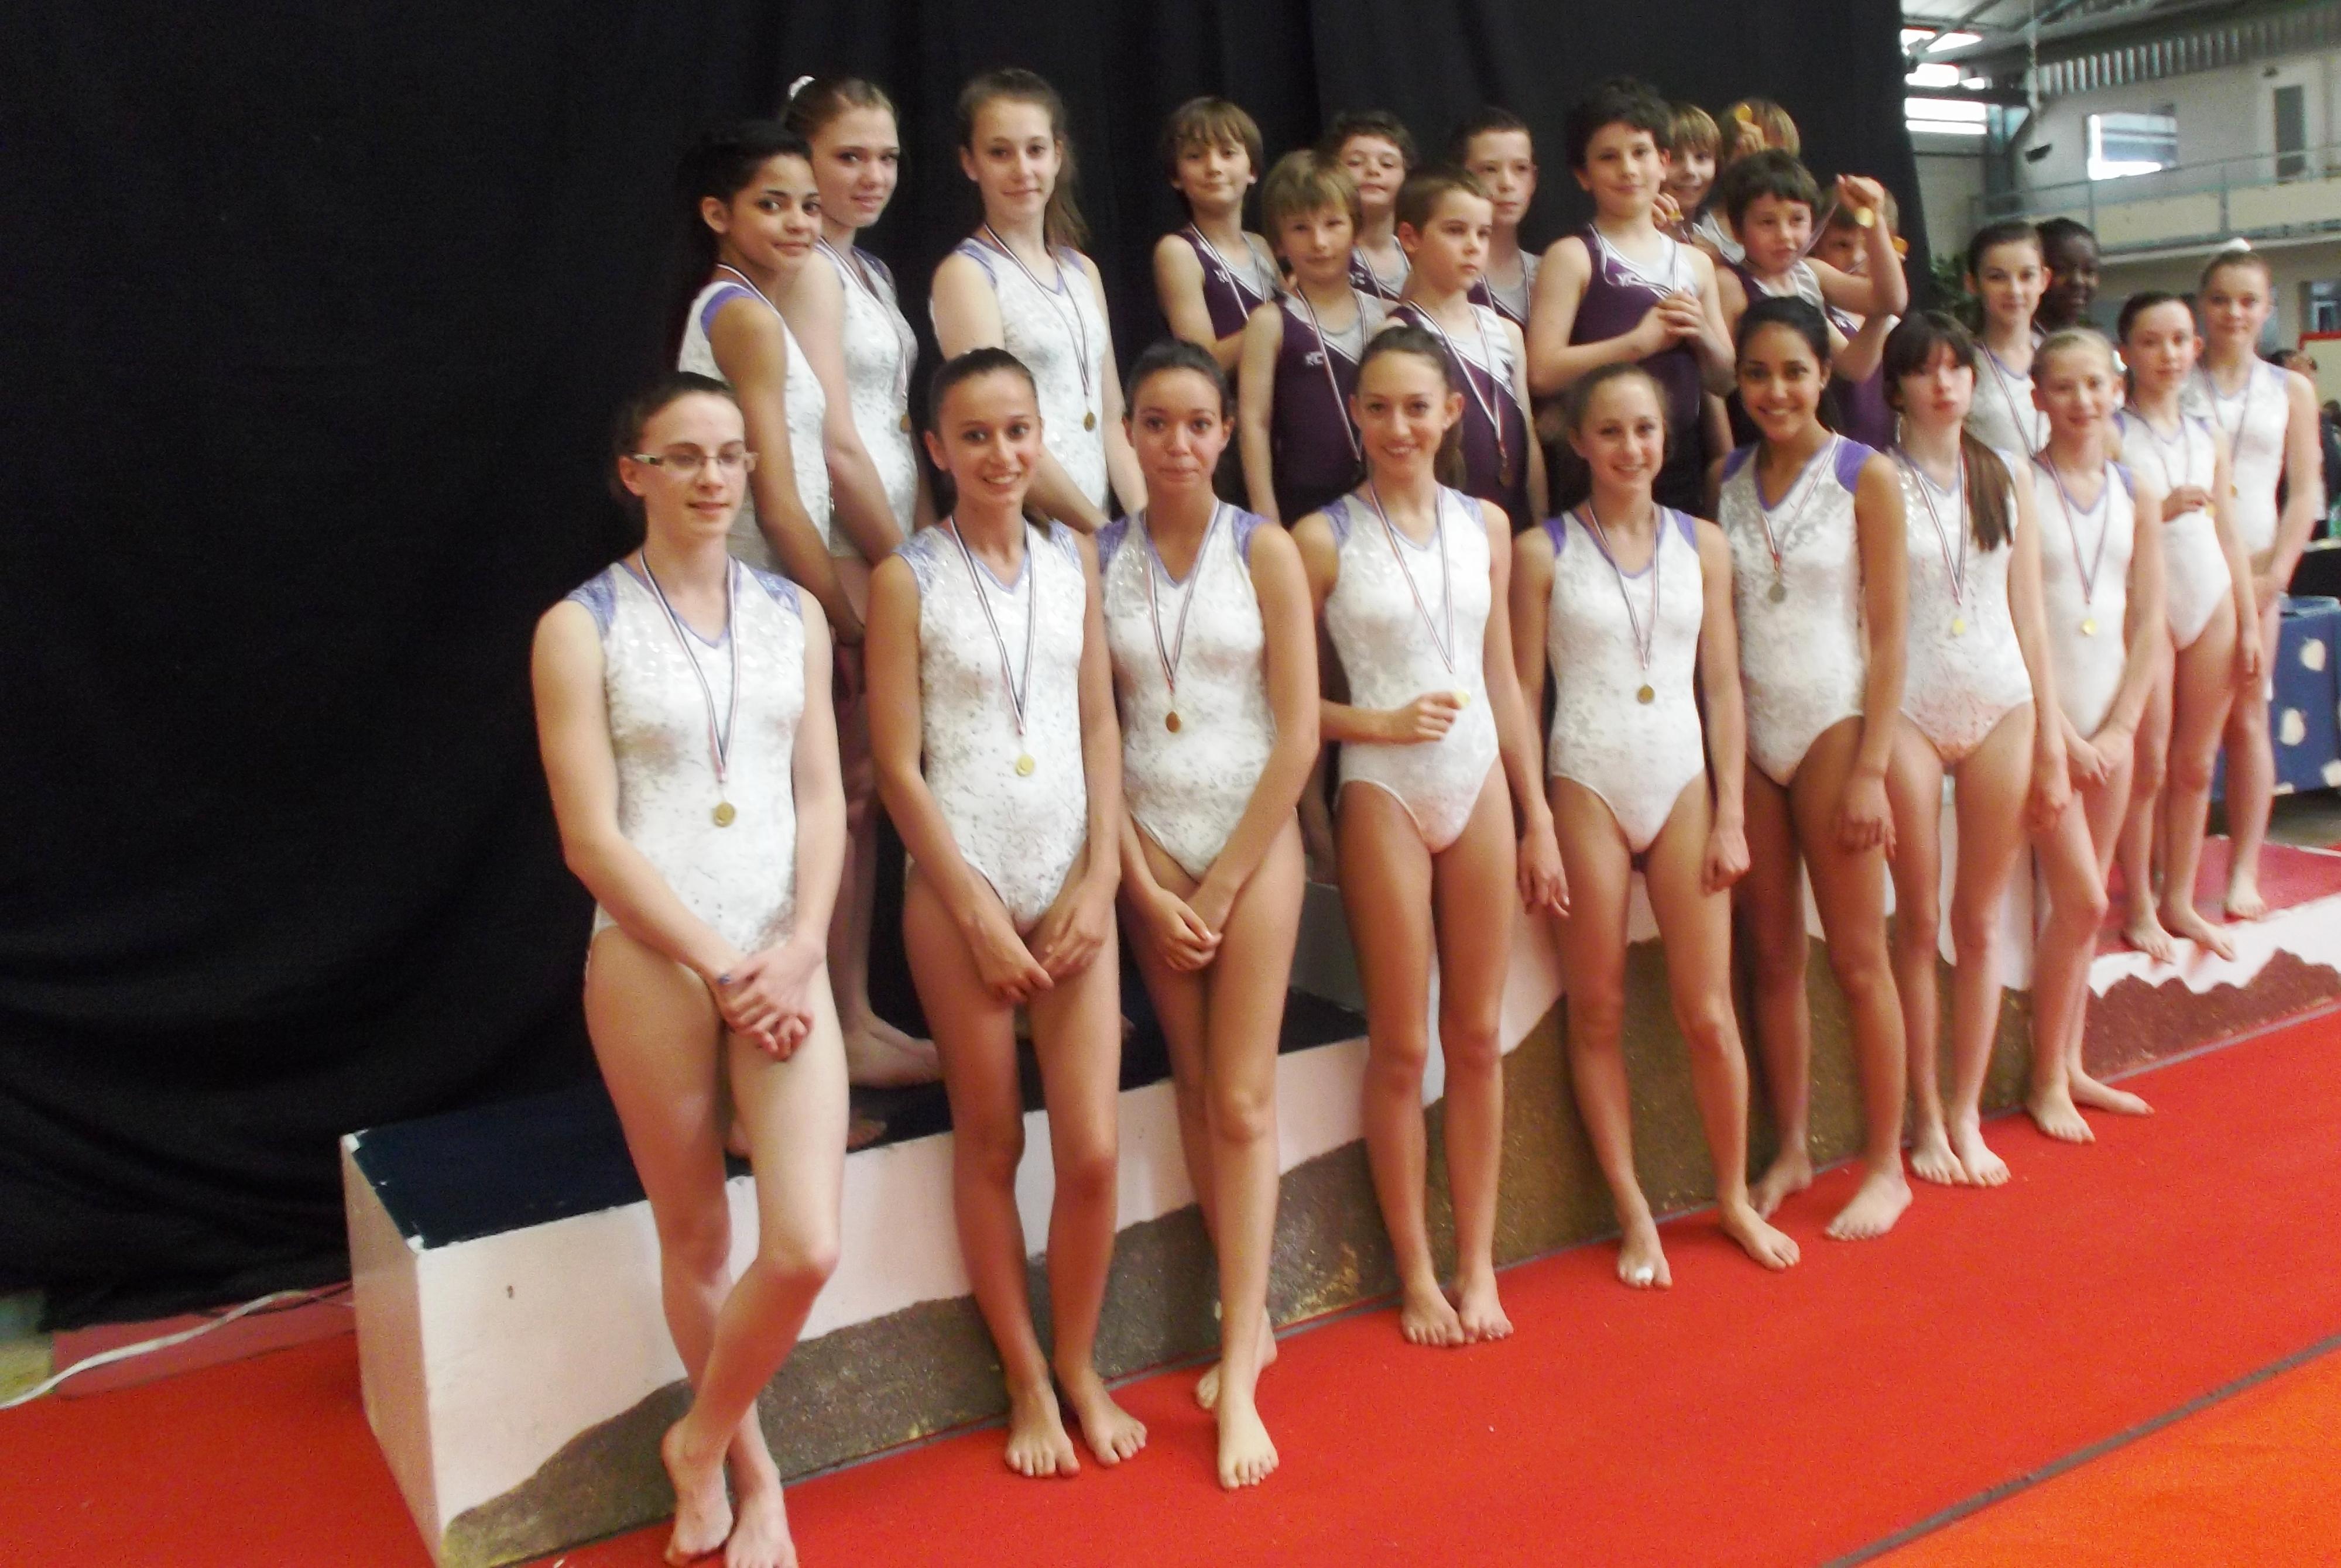 Gymnastique Artistique Féminine - Championnat Départemental à Aix les Bains